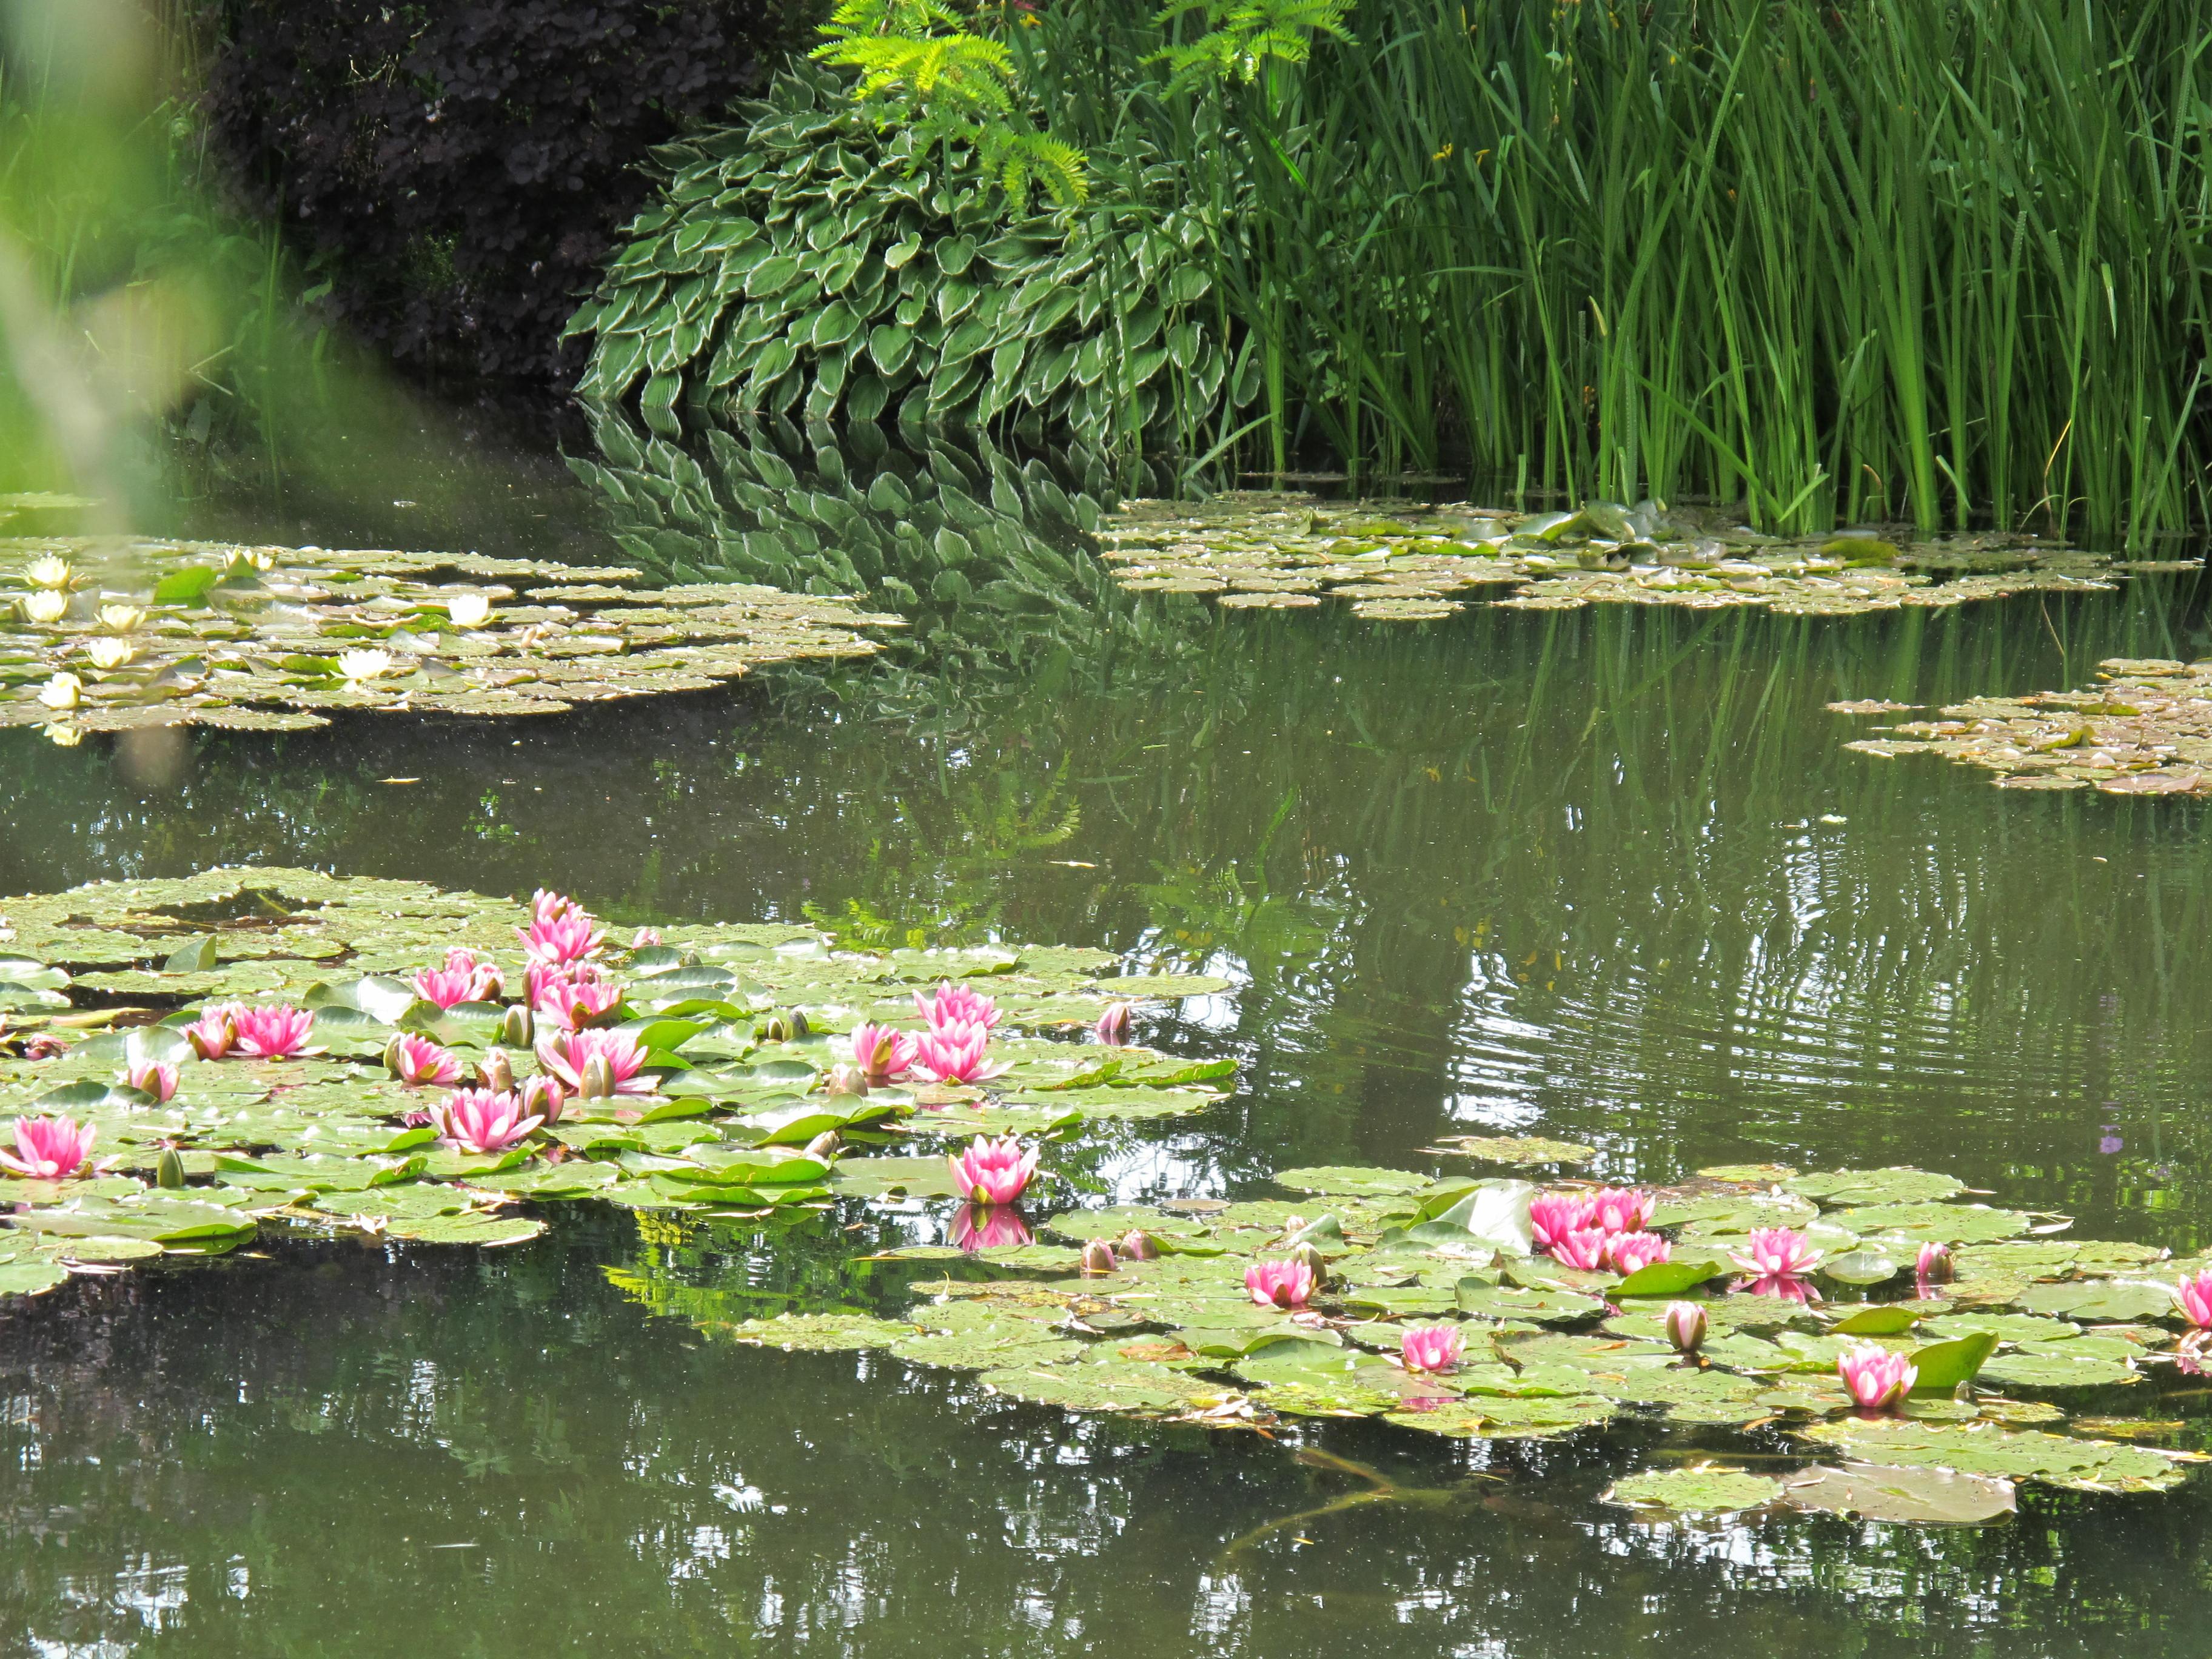 Les jardins de la fondation claude monet promenades - Livre le jardin de monet ...